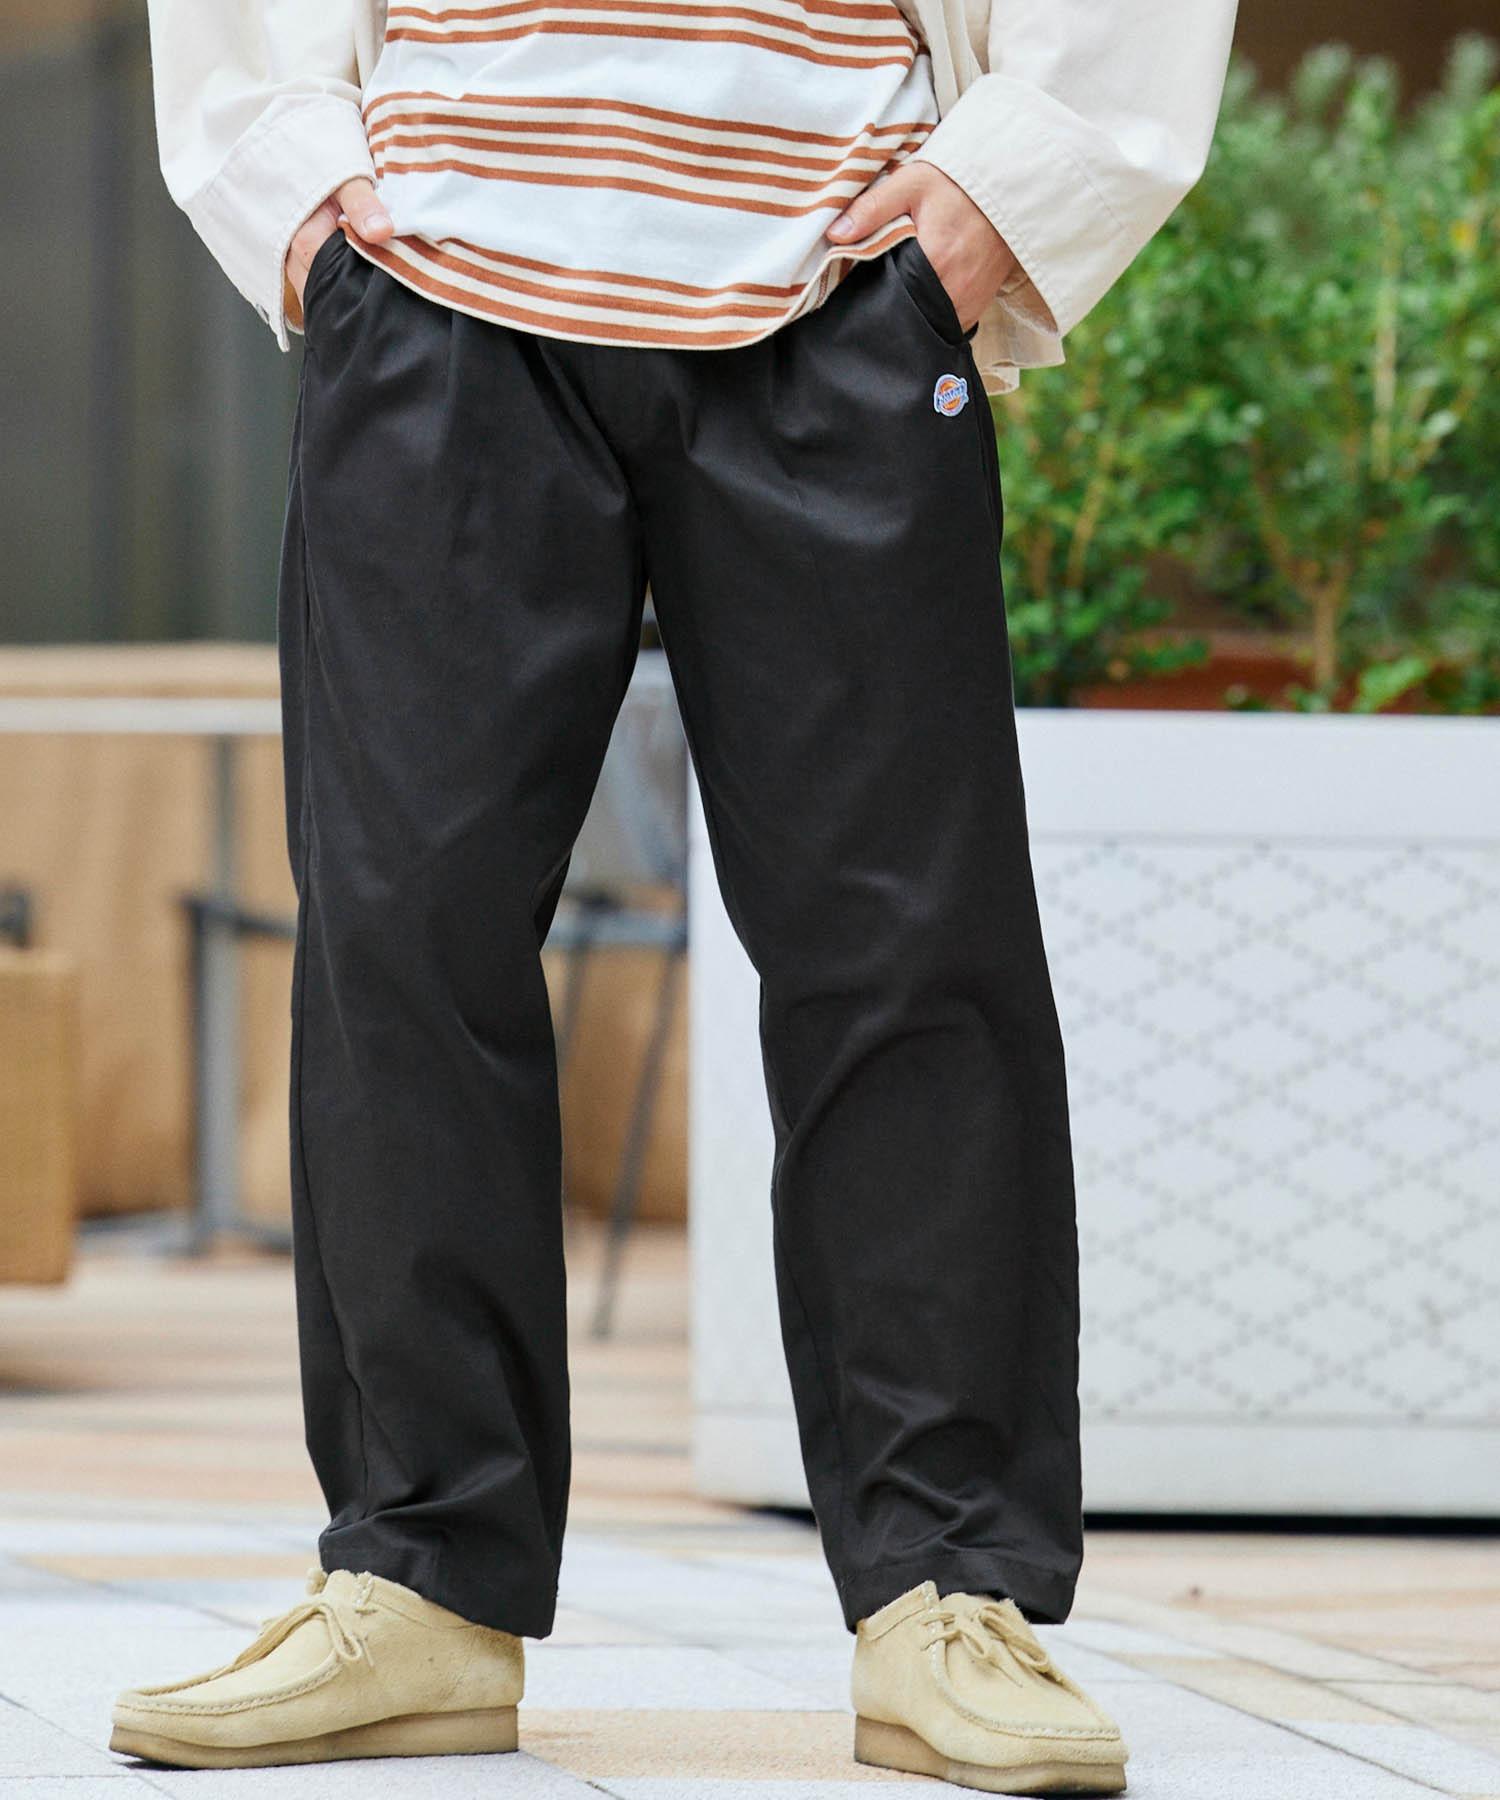 Dickies/ディッキーズ MONO-MART 別注 タックワイドチノパンツ/テーパードワイドパンツ